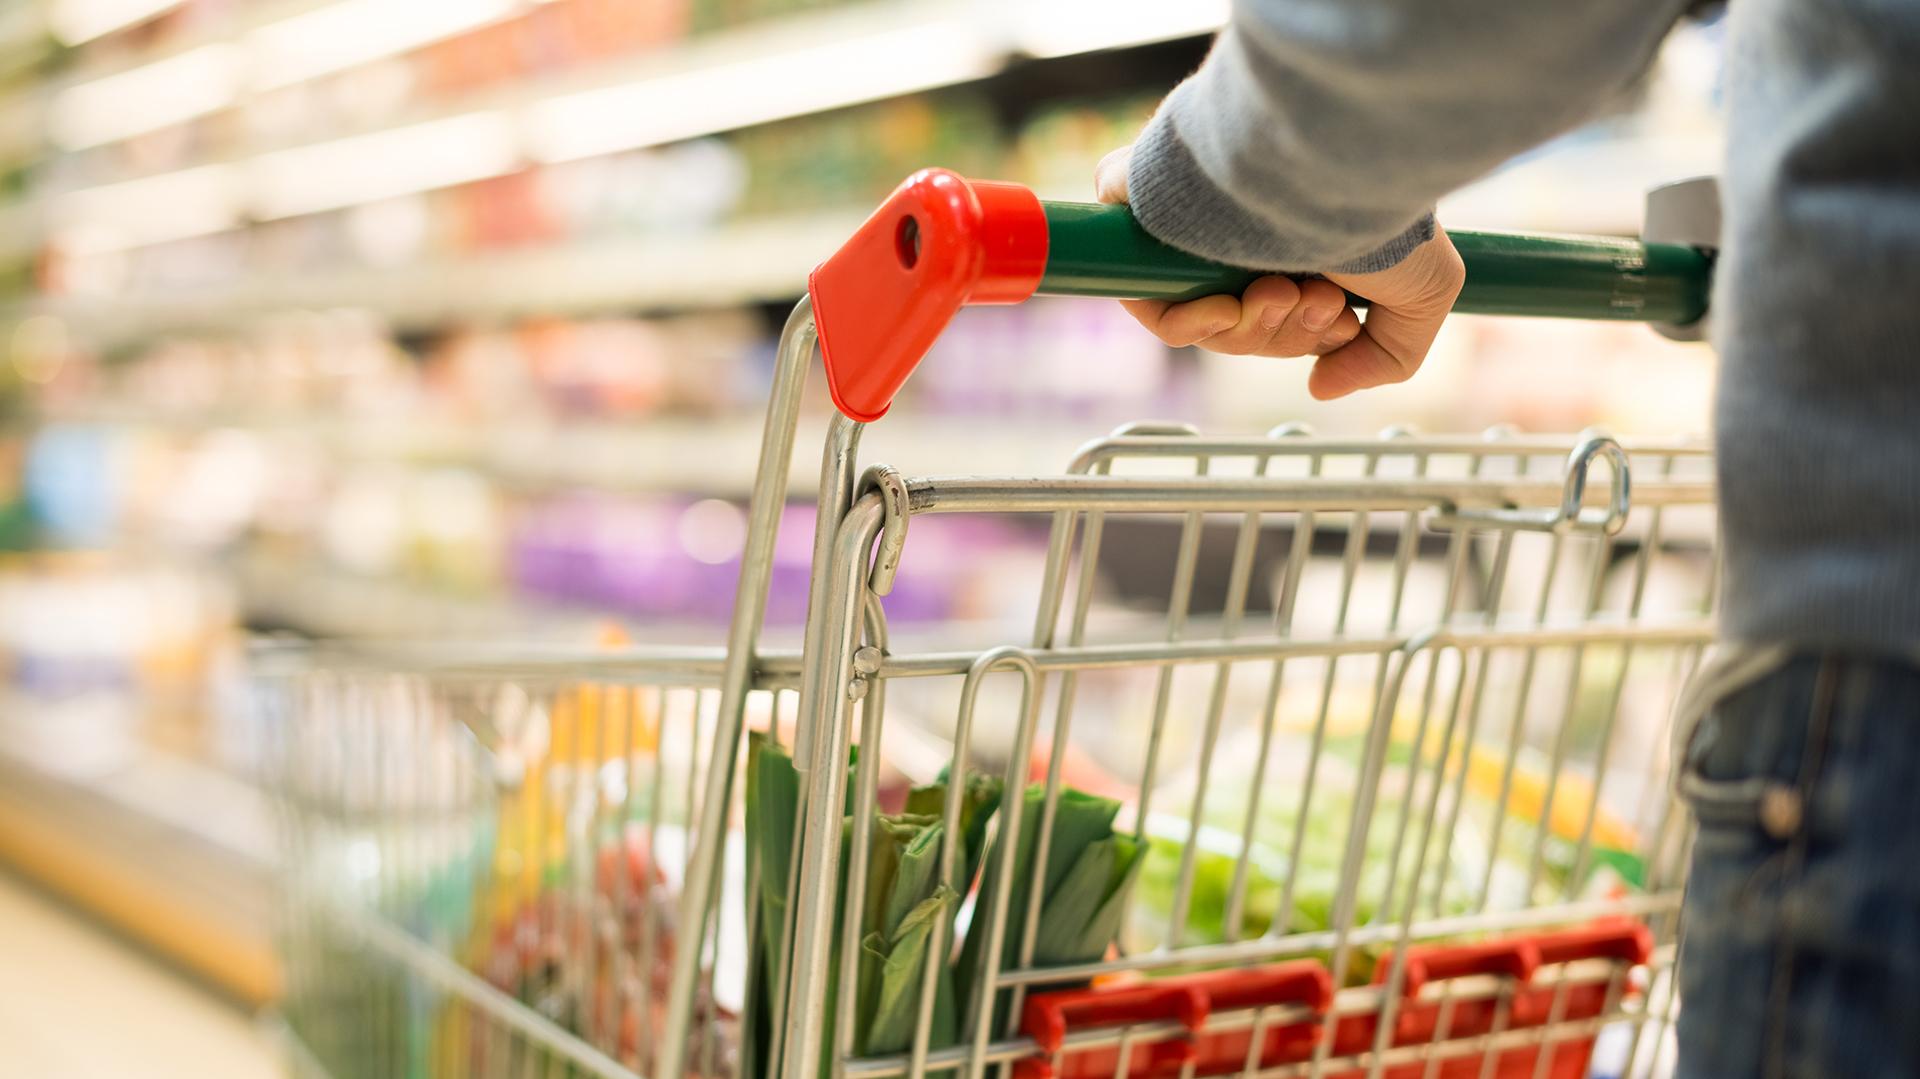 Con la actual tendencia, la inflación de 2017 será la más baja desde el año 2009. (IStock)